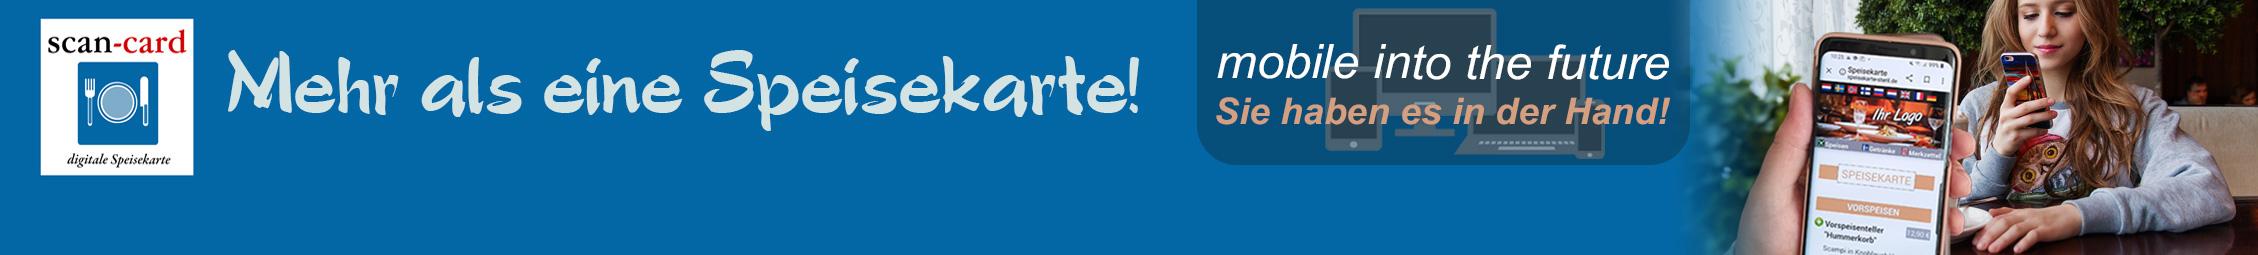 digitale Speisekarte-banner